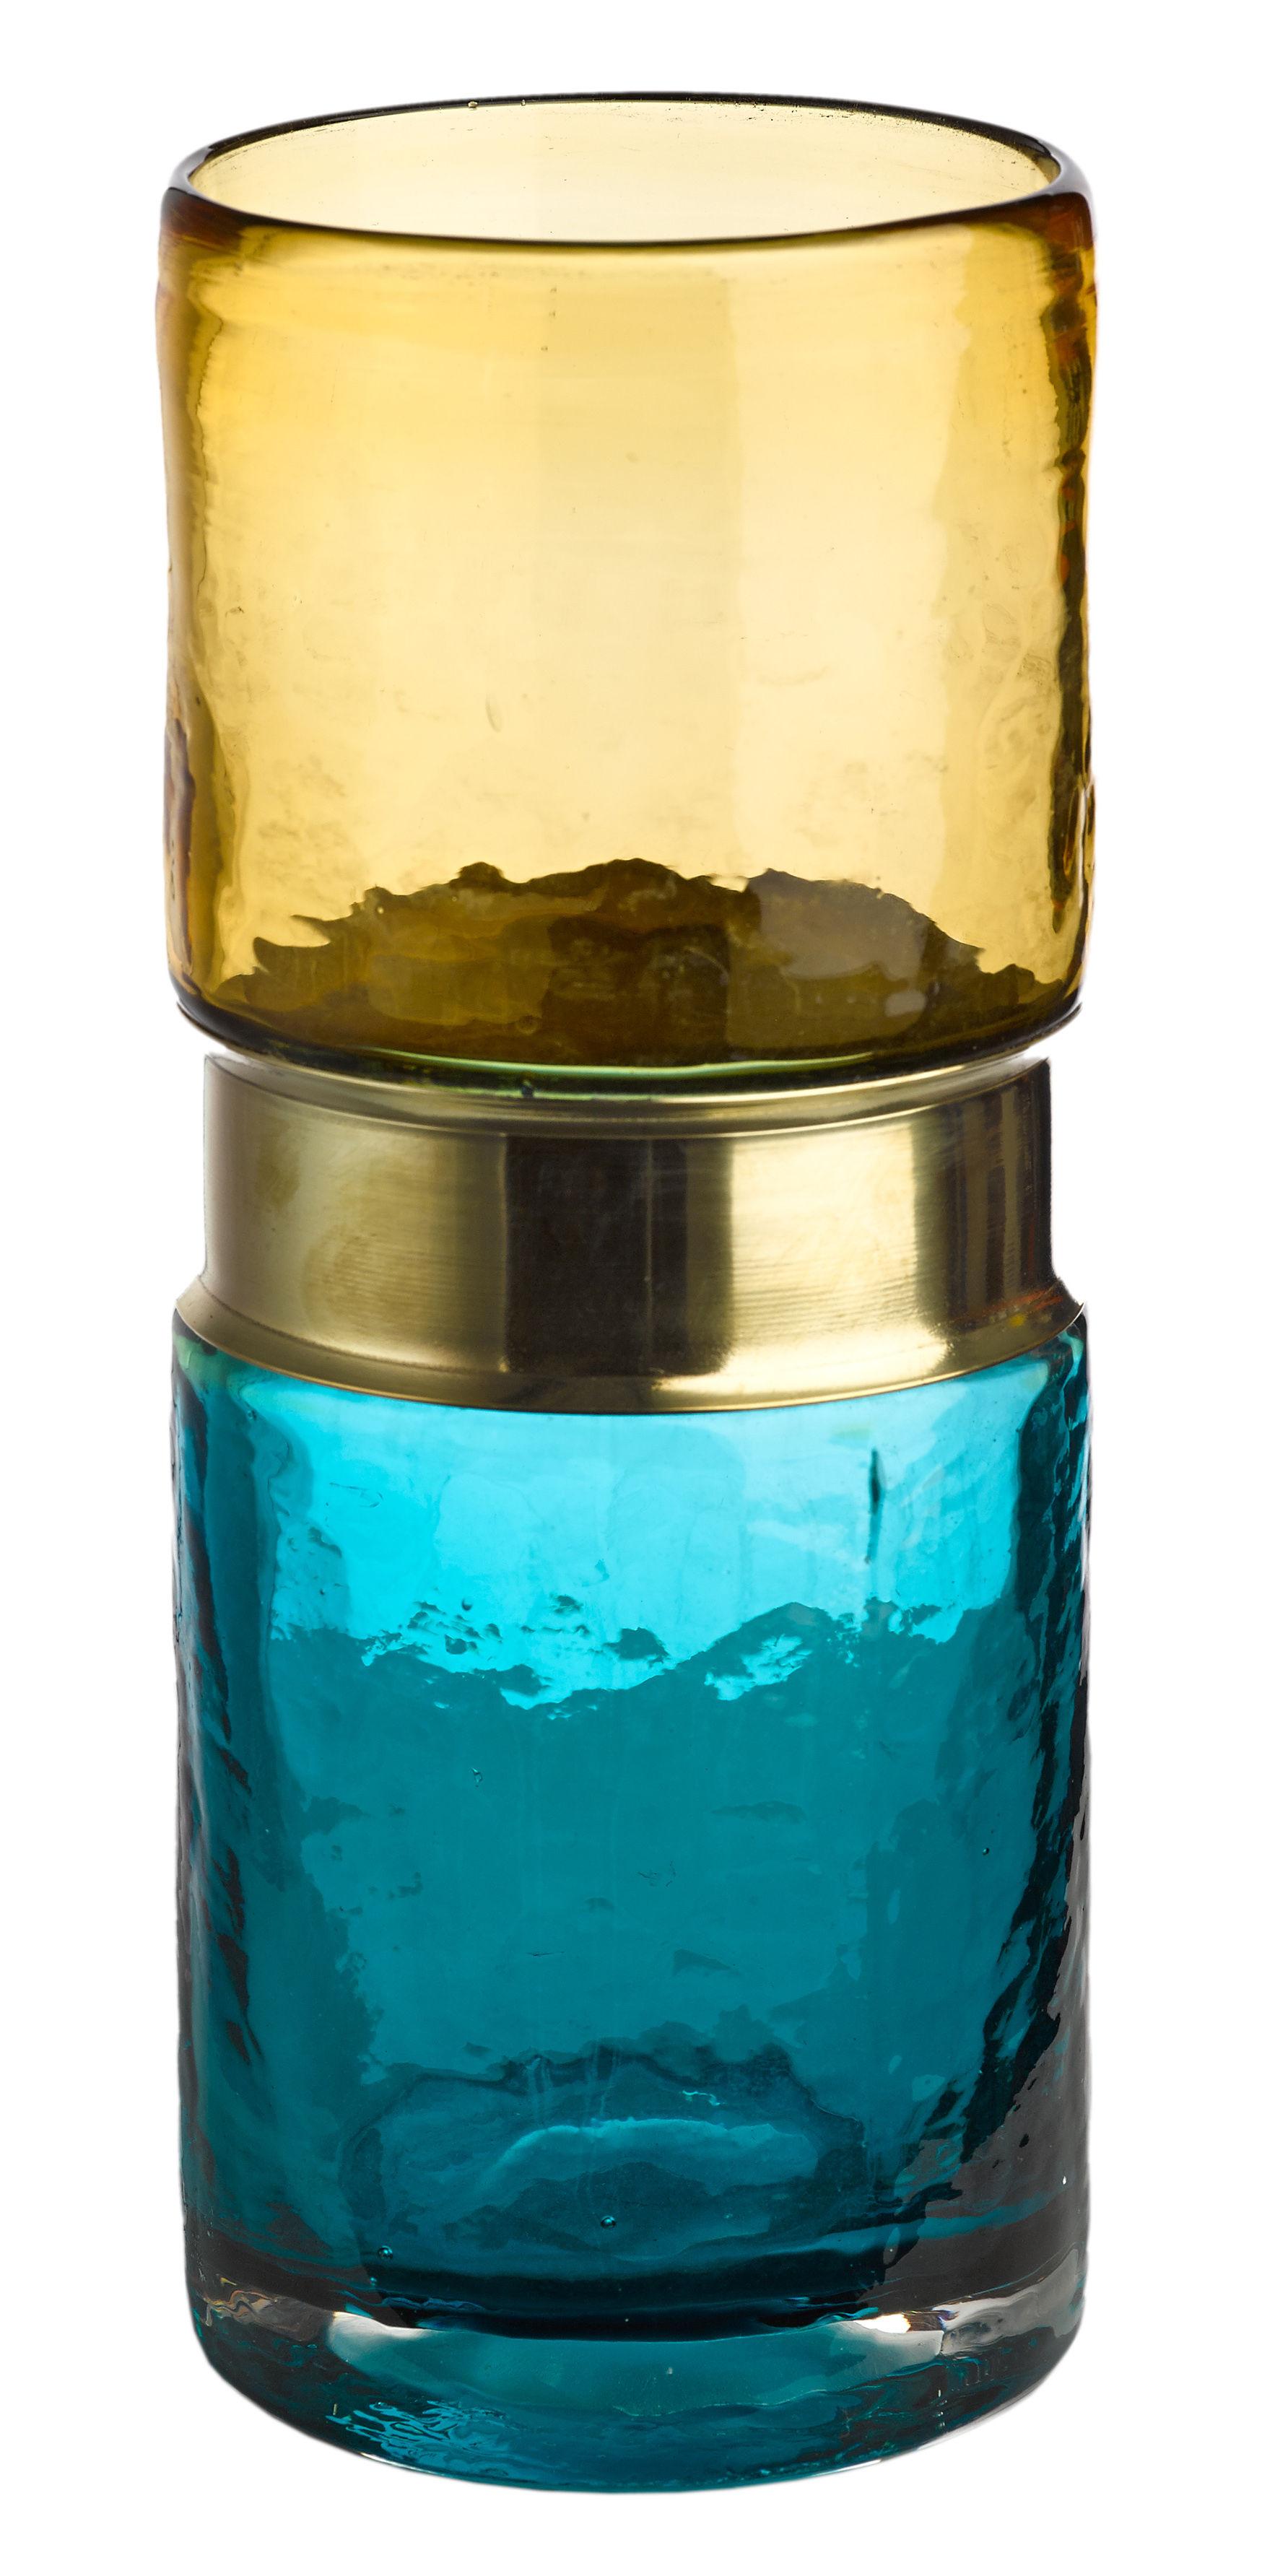 Déco - Vases - Vase Belt / Verre & Laiton - H 26 cm - Pols Potten - Bleu, Ambre / Laiton - Laiton, Verre